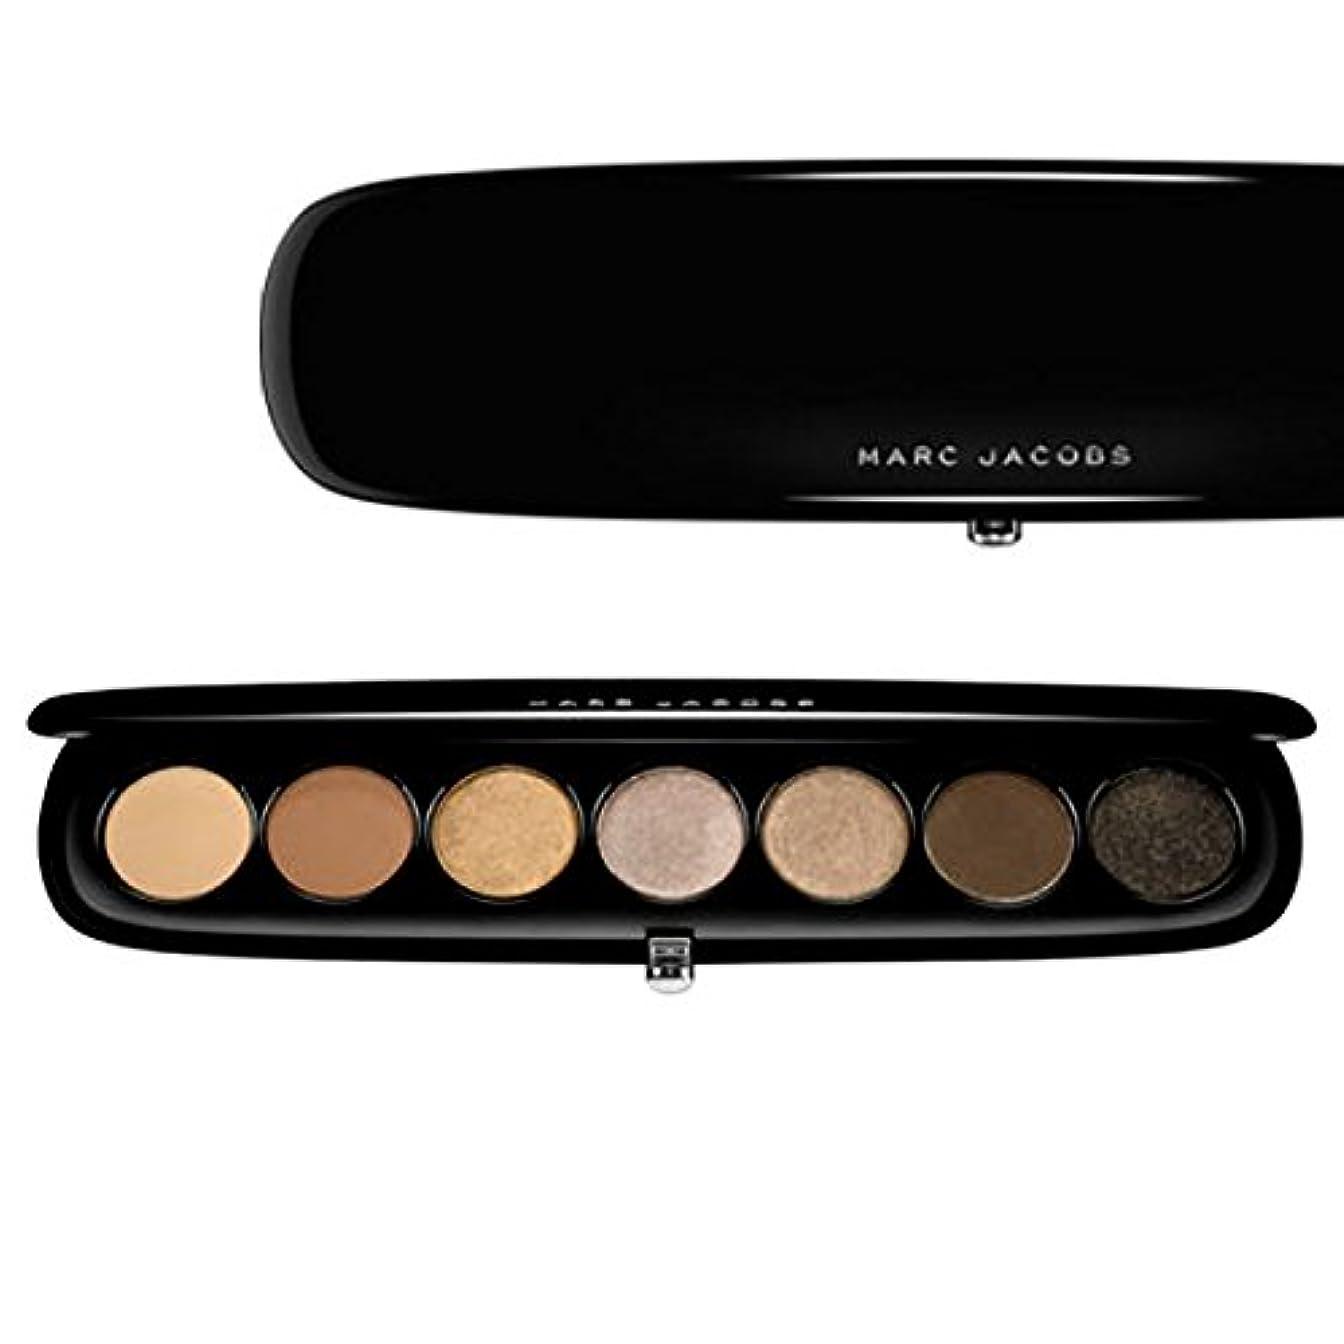 気をつけて歪める欠点Marc Jacobs Beauty, 日本未発売, Style Eye-Con No. 7 Plush Shadow - 230 Social Butterfly-Exclusive [海外直送品] [並行輸入品]